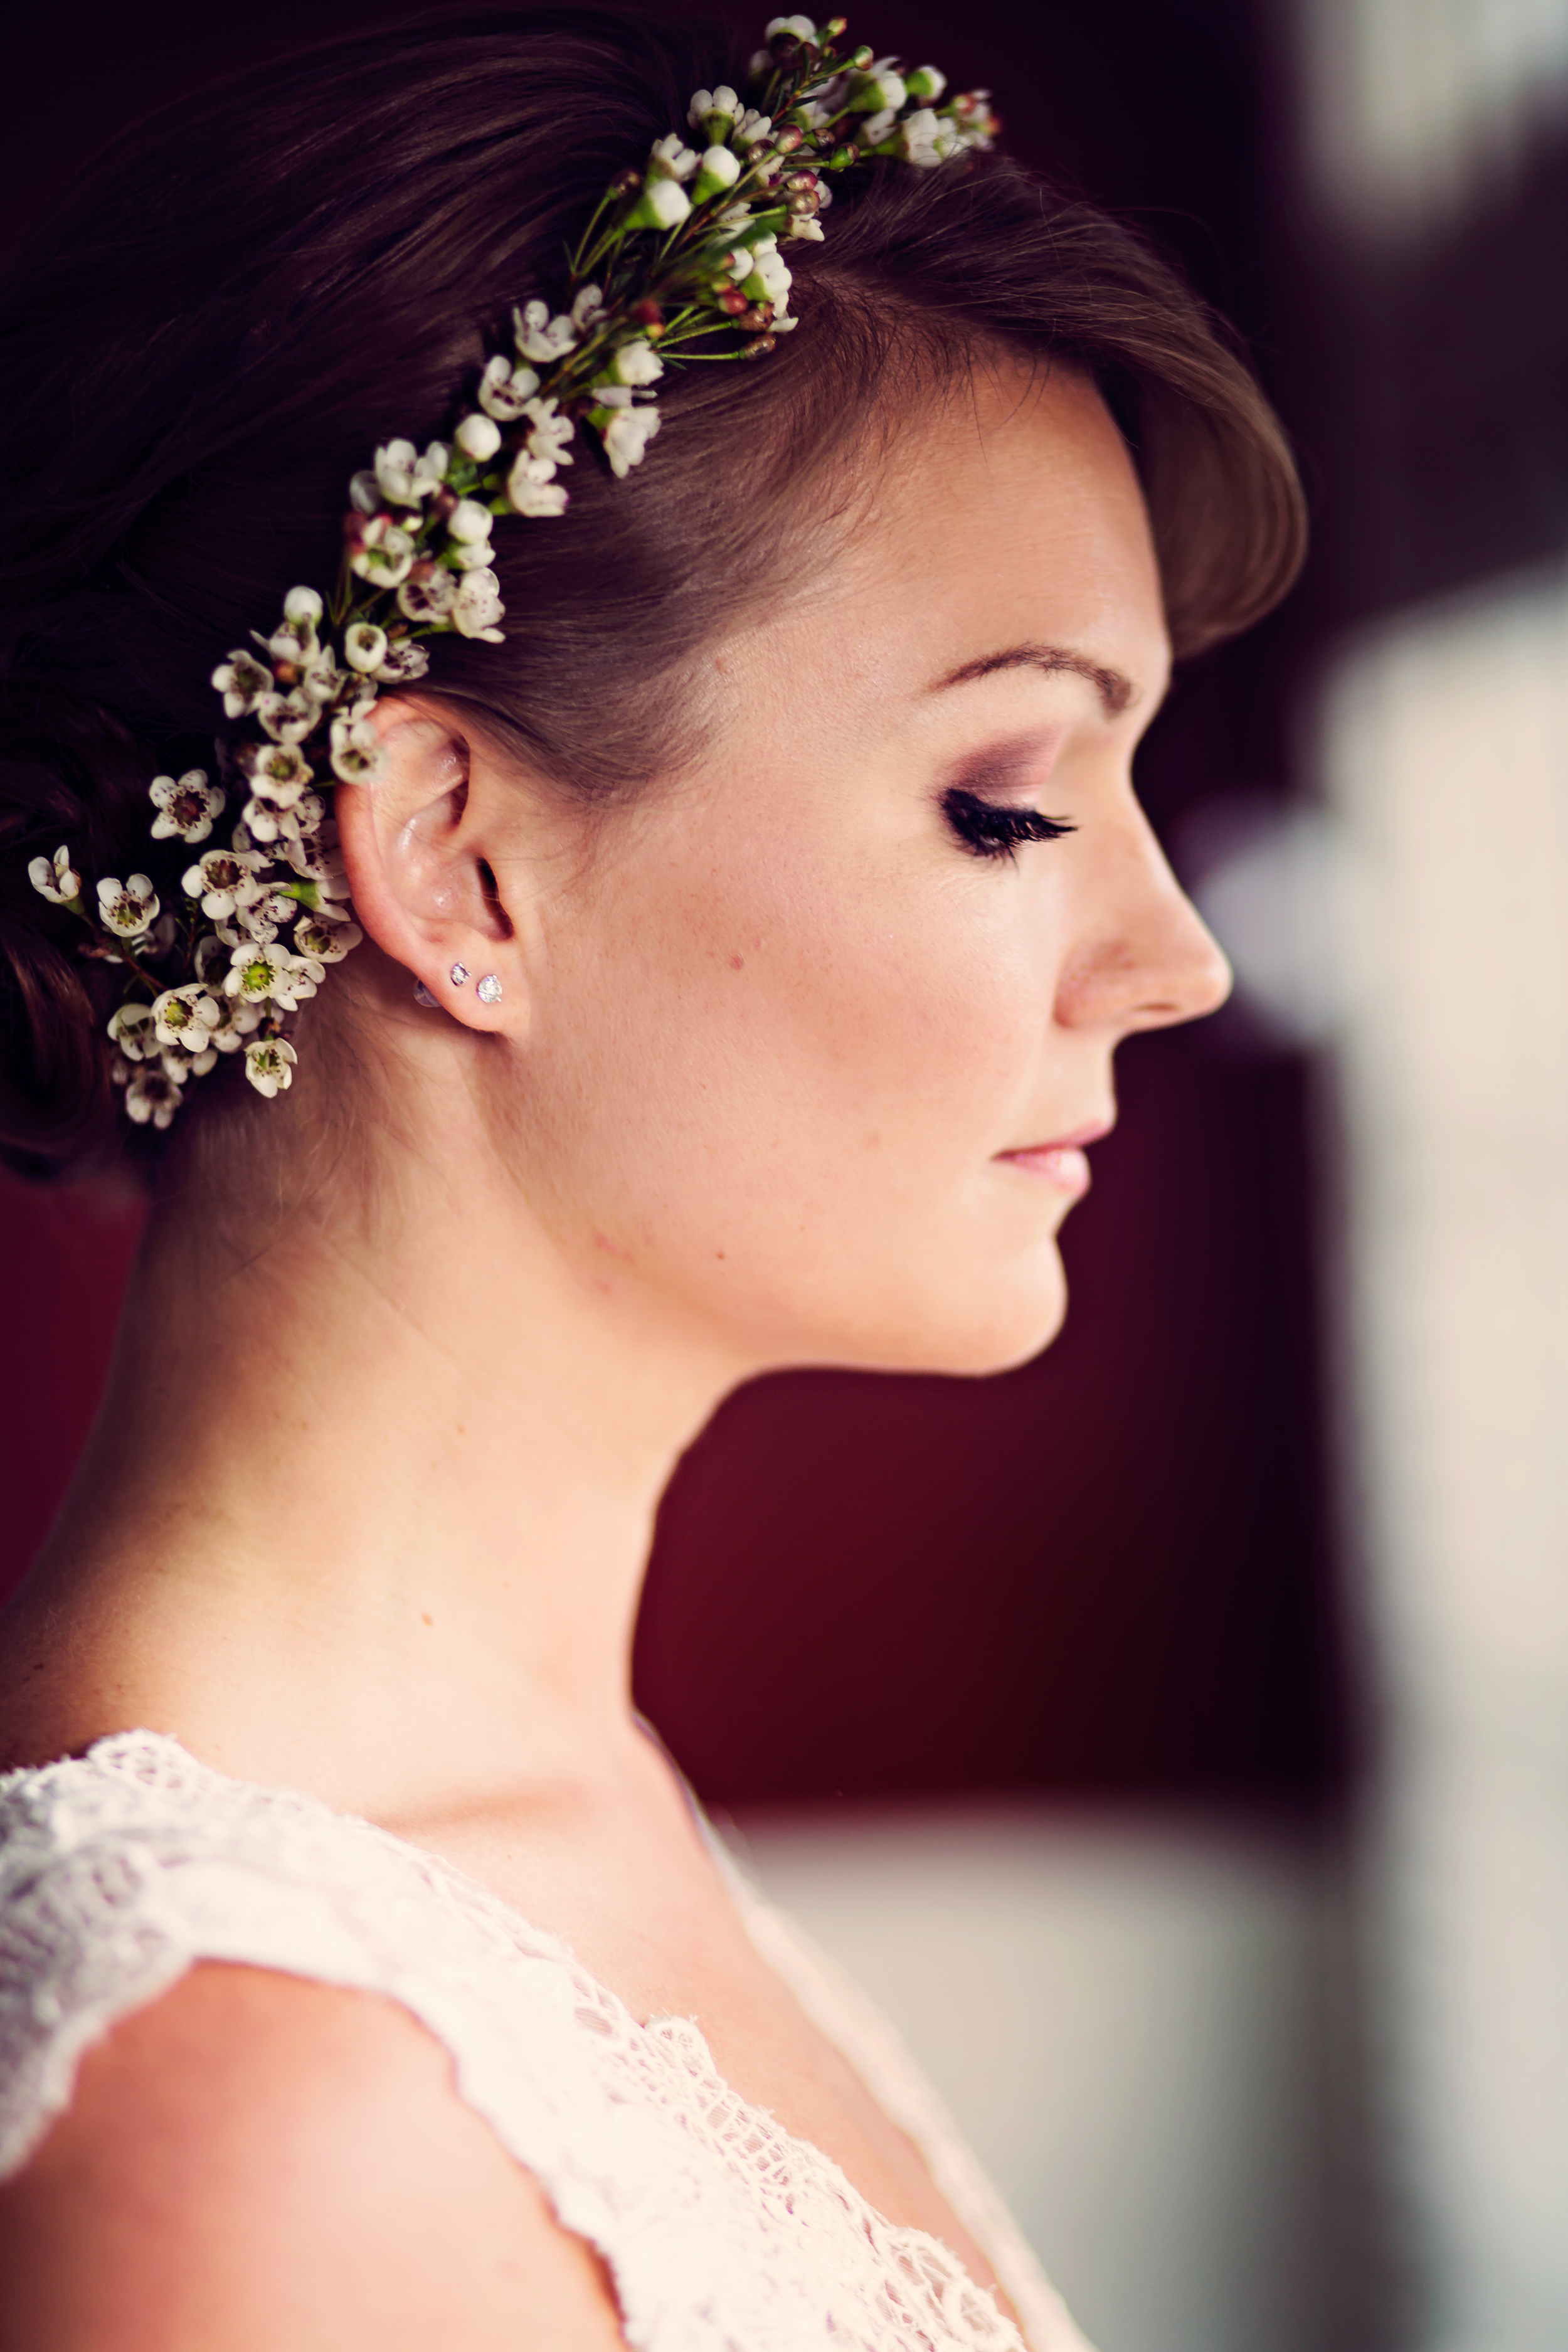 Wedding Day Photo - Nashville Wedding Photographers